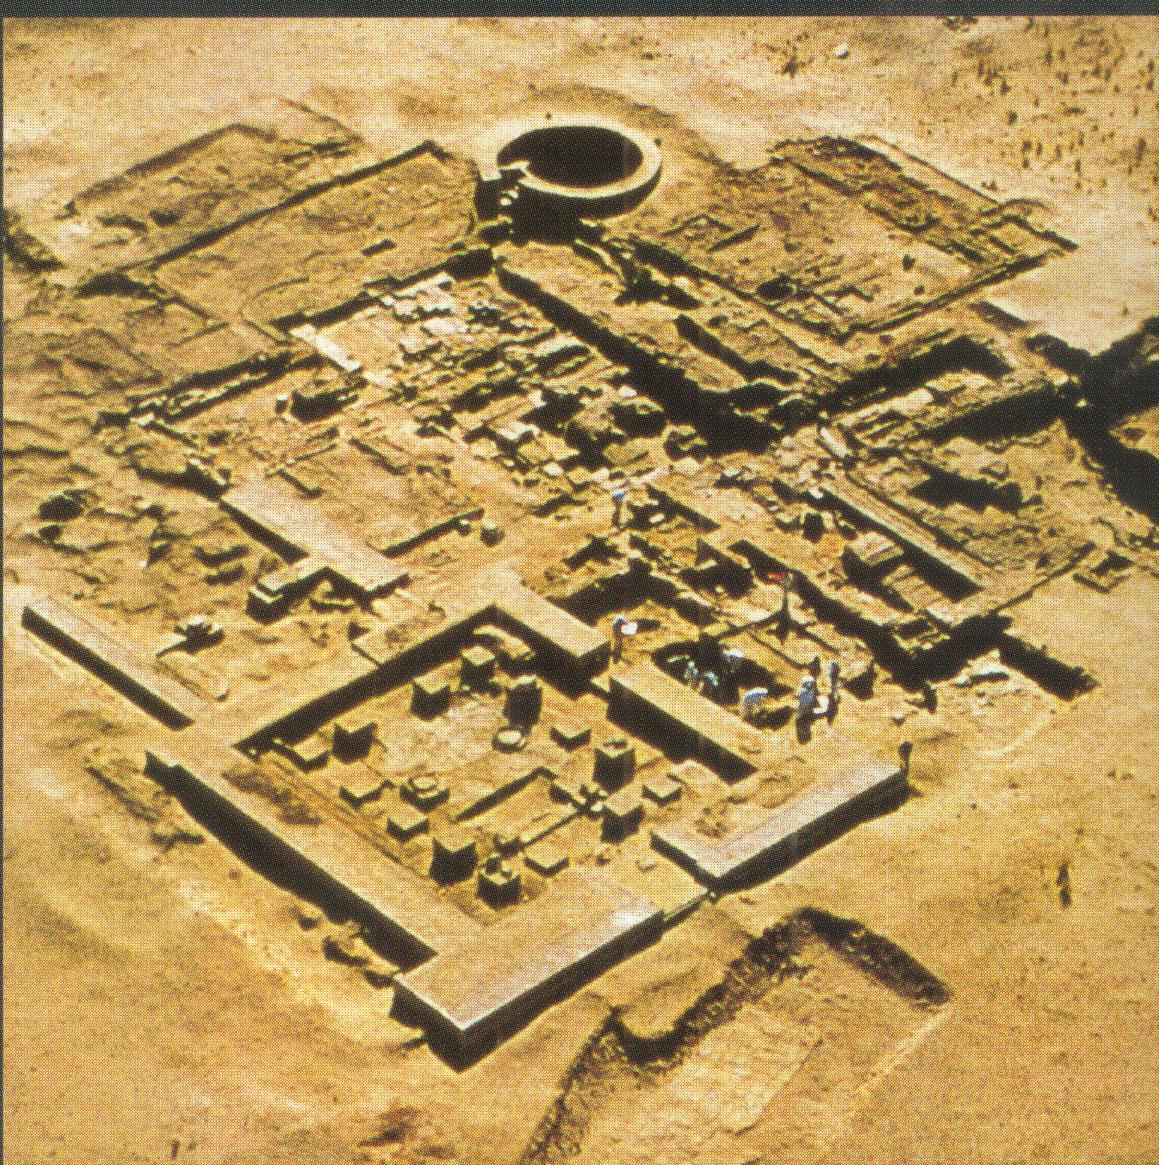 http://antique.mrugala.net/Egypte/Images/Egypte%20-%20Ville%20de%20Doukki%20Gel.jpg